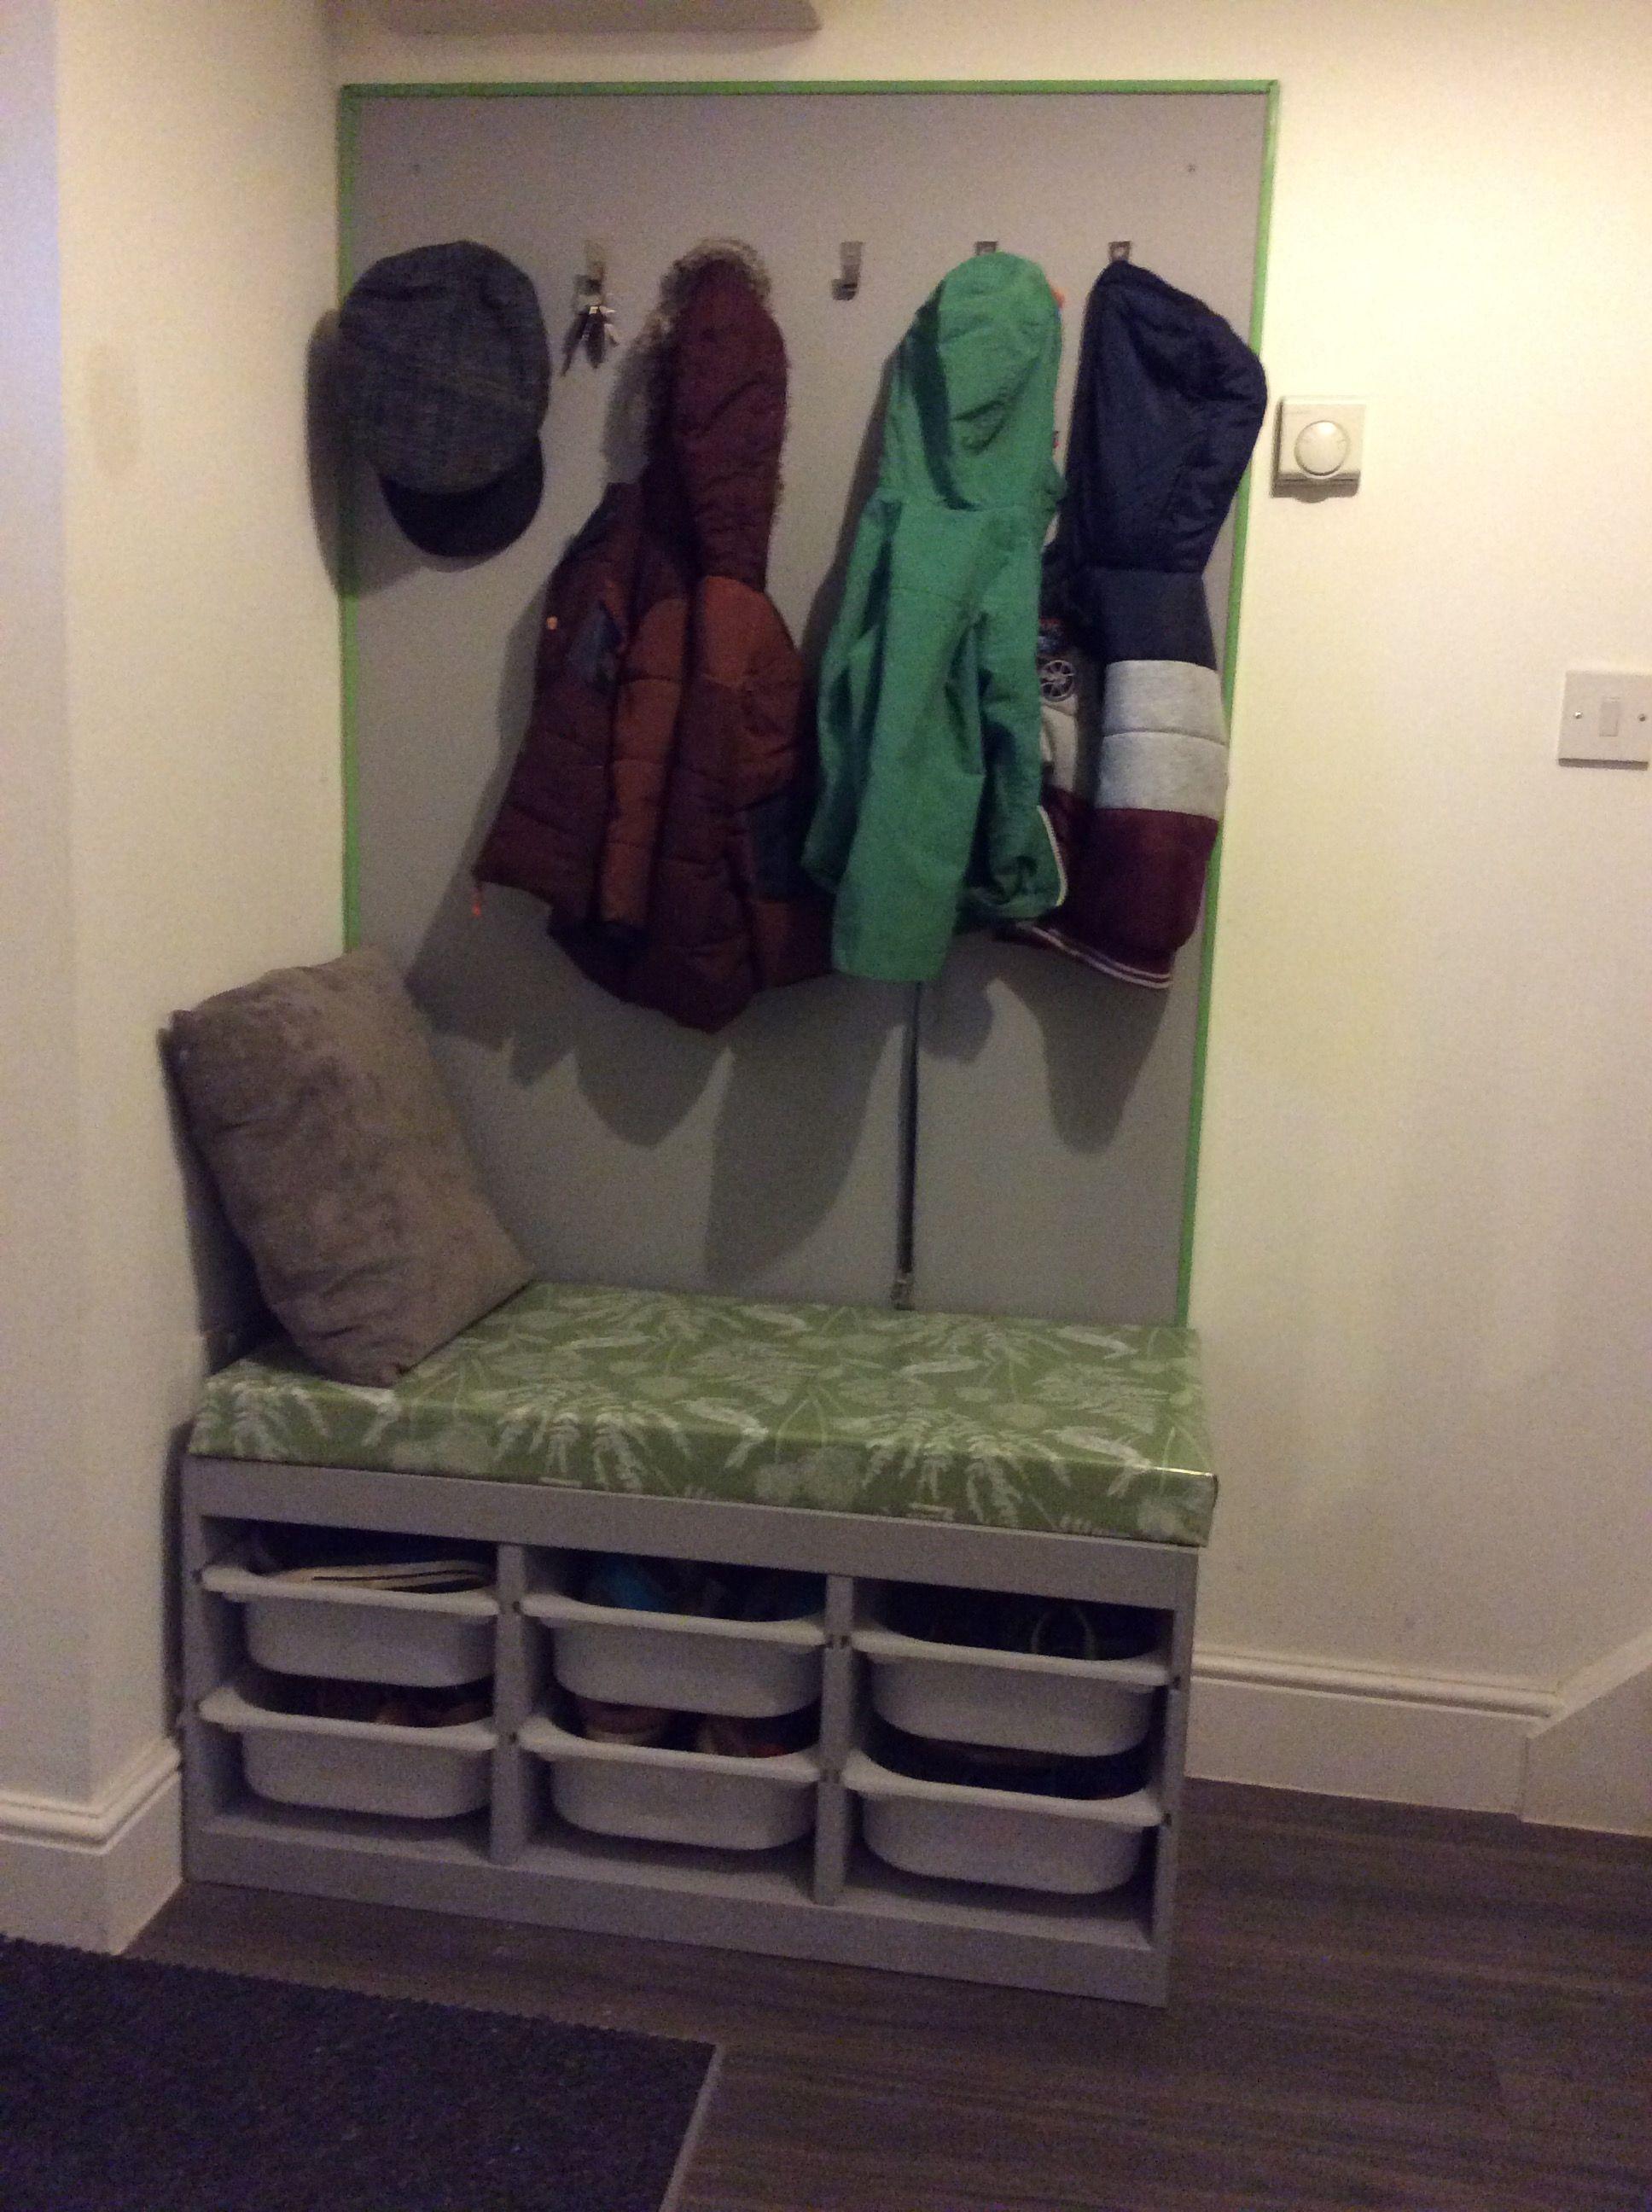 Hallway Shoe And Coat Rack Ikea Trofast Hack Organize In